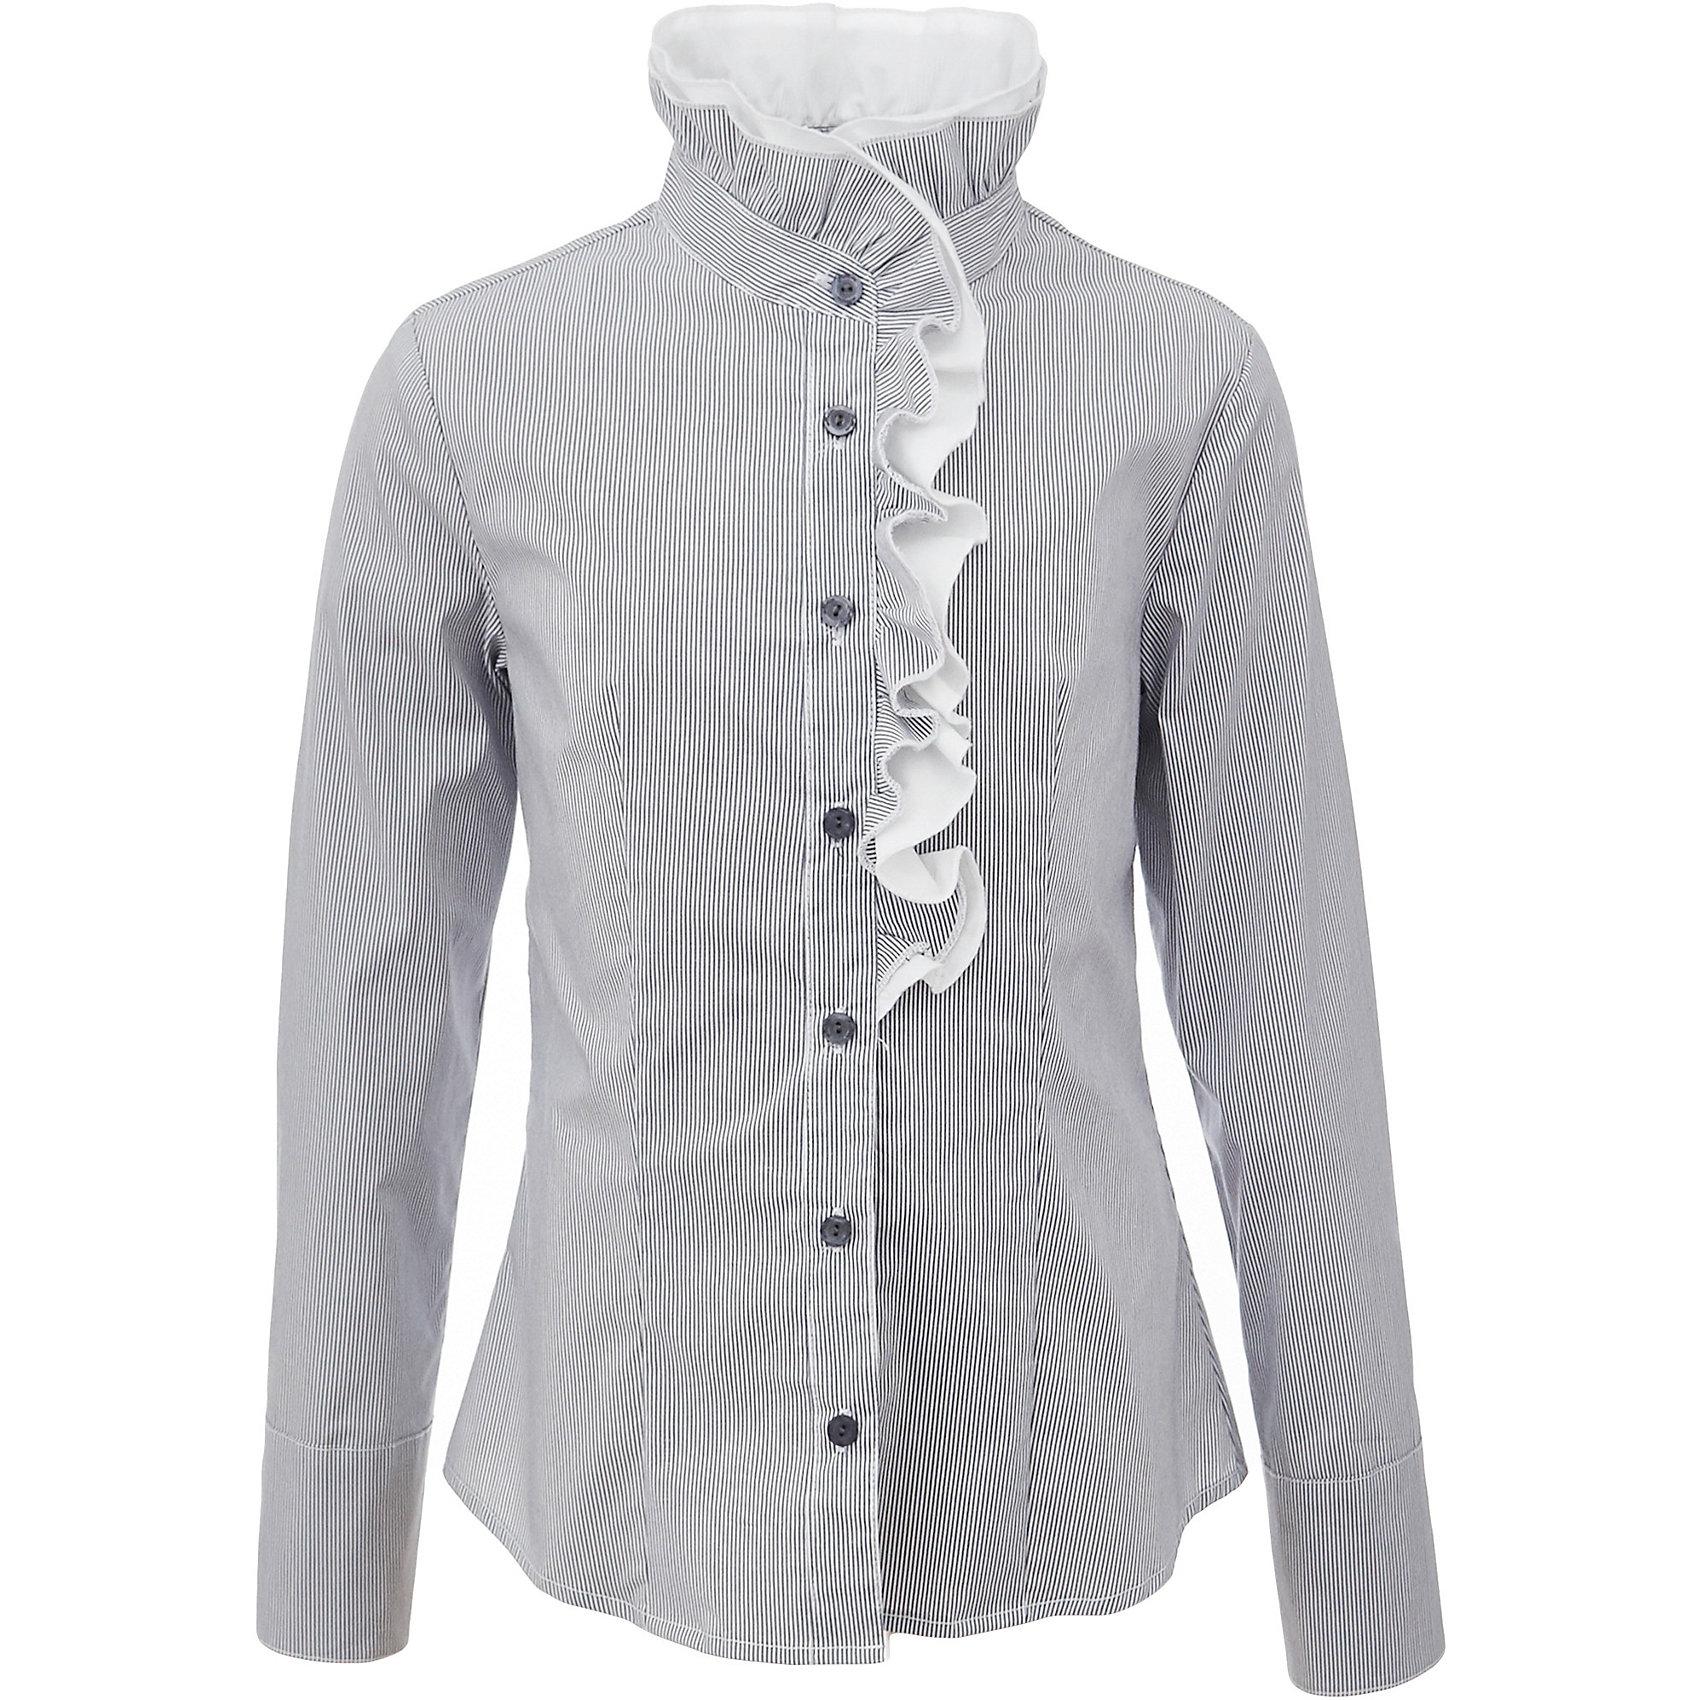 Блузка для девочки GulliverБлузки и рубашки<br>Характеристики товара:<br><br>• цвет: серый<br>• состав: 75% хлопок, 23% полиэстер, 2% эластан <br>• сезон: демисезон<br>• декорирована рюшей<br>• с длинным рукавом<br>• застежка: пуговицы<br>• манжеты на пуговицах<br>• особенности: школьная, в полоску<br>• страна бренда: Российская Федерация<br>• страна производства: Российская Федерация<br><br>Школьная блузка с длинным рукавом для девочки. Серая блузка в полоску застегивается на пуговицы, манжеты рукавов на пуговицах. Блузка с рюшами контрастного белого цвета.<br><br>Блузку для девочки Gulliver (Гулливер) можно купить в нашем интернет-магазине.<br><br>Ширина мм: 186<br>Глубина мм: 87<br>Высота мм: 198<br>Вес г: 197<br>Цвет: серый<br>Возраст от месяцев: 72<br>Возраст до месяцев: 84<br>Пол: Женский<br>Возраст: Детский<br>Размер: 122,170,128,134,140,146,152,158,164<br>SKU: 6678718